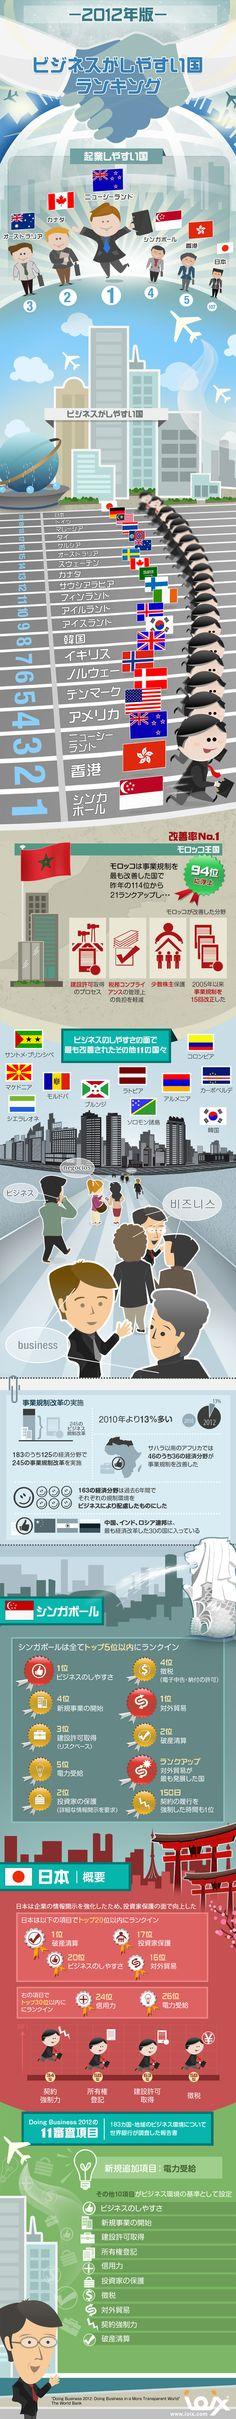 ビジネスがしやすい国ランキング - ioix -